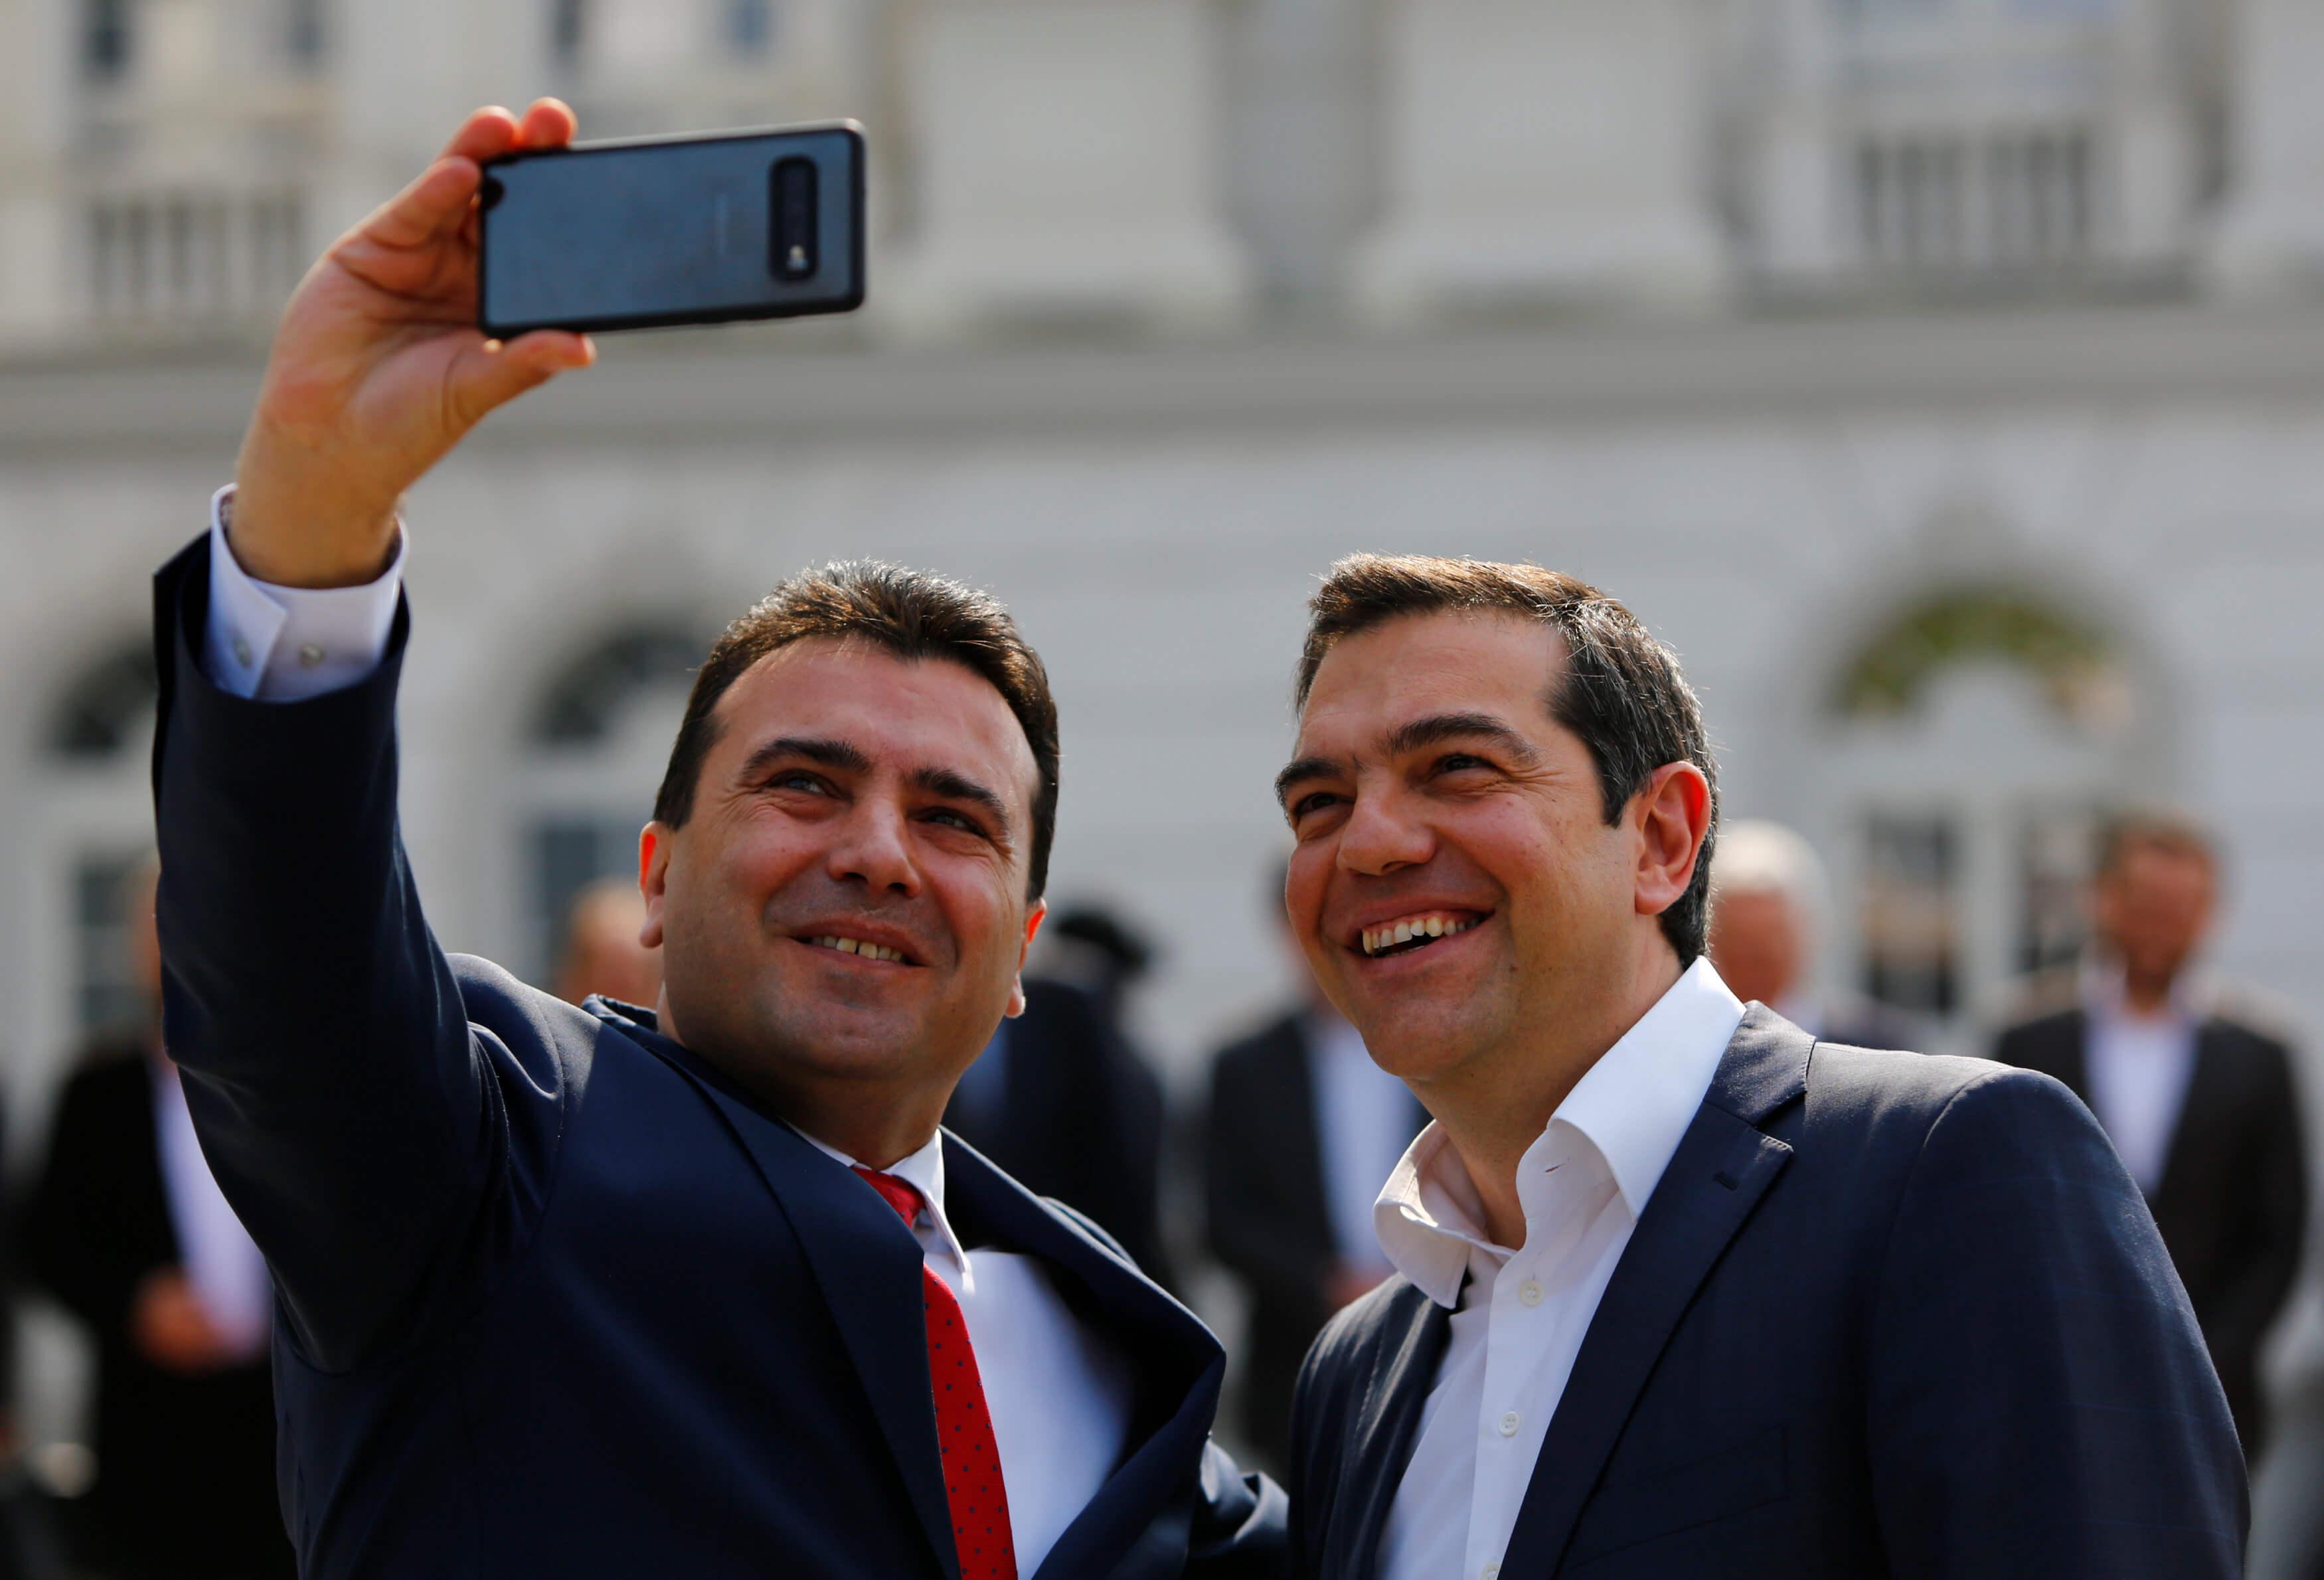 Βόρεια Μακεδονία: Επιχορήγηση 200 εκατ. ευρώ από την Ελλάδα!